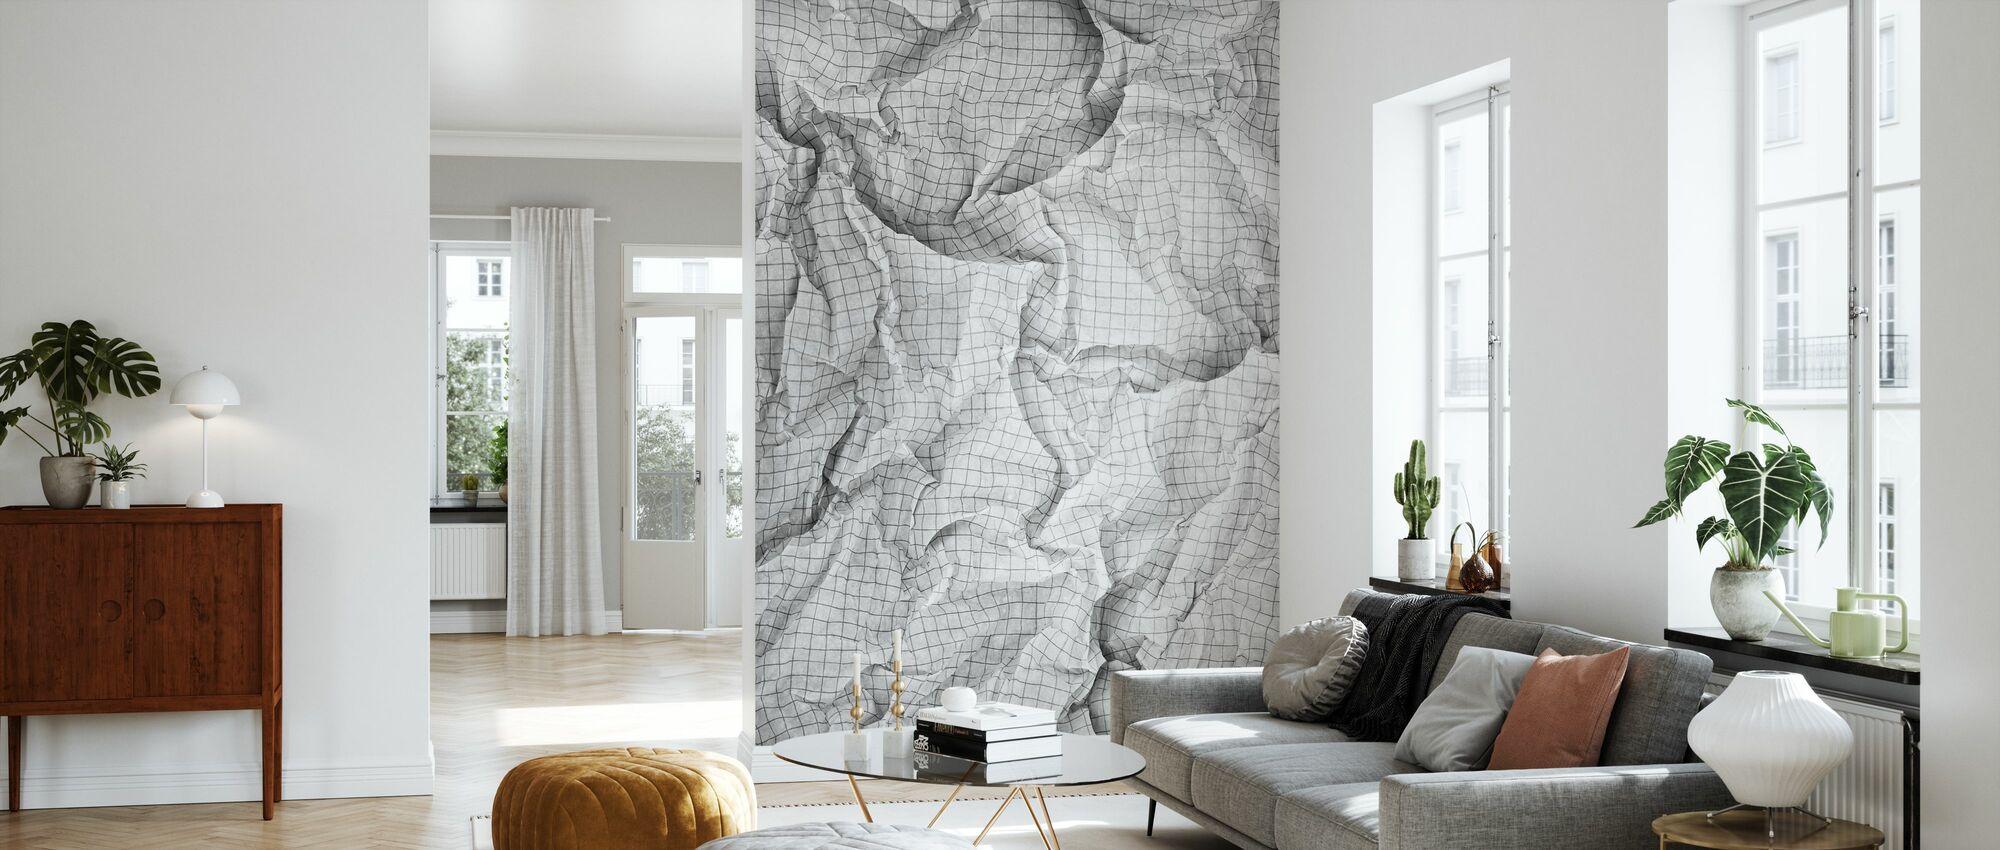 Wrinkled Squared Paper 2 - Wallpaper - Living Room